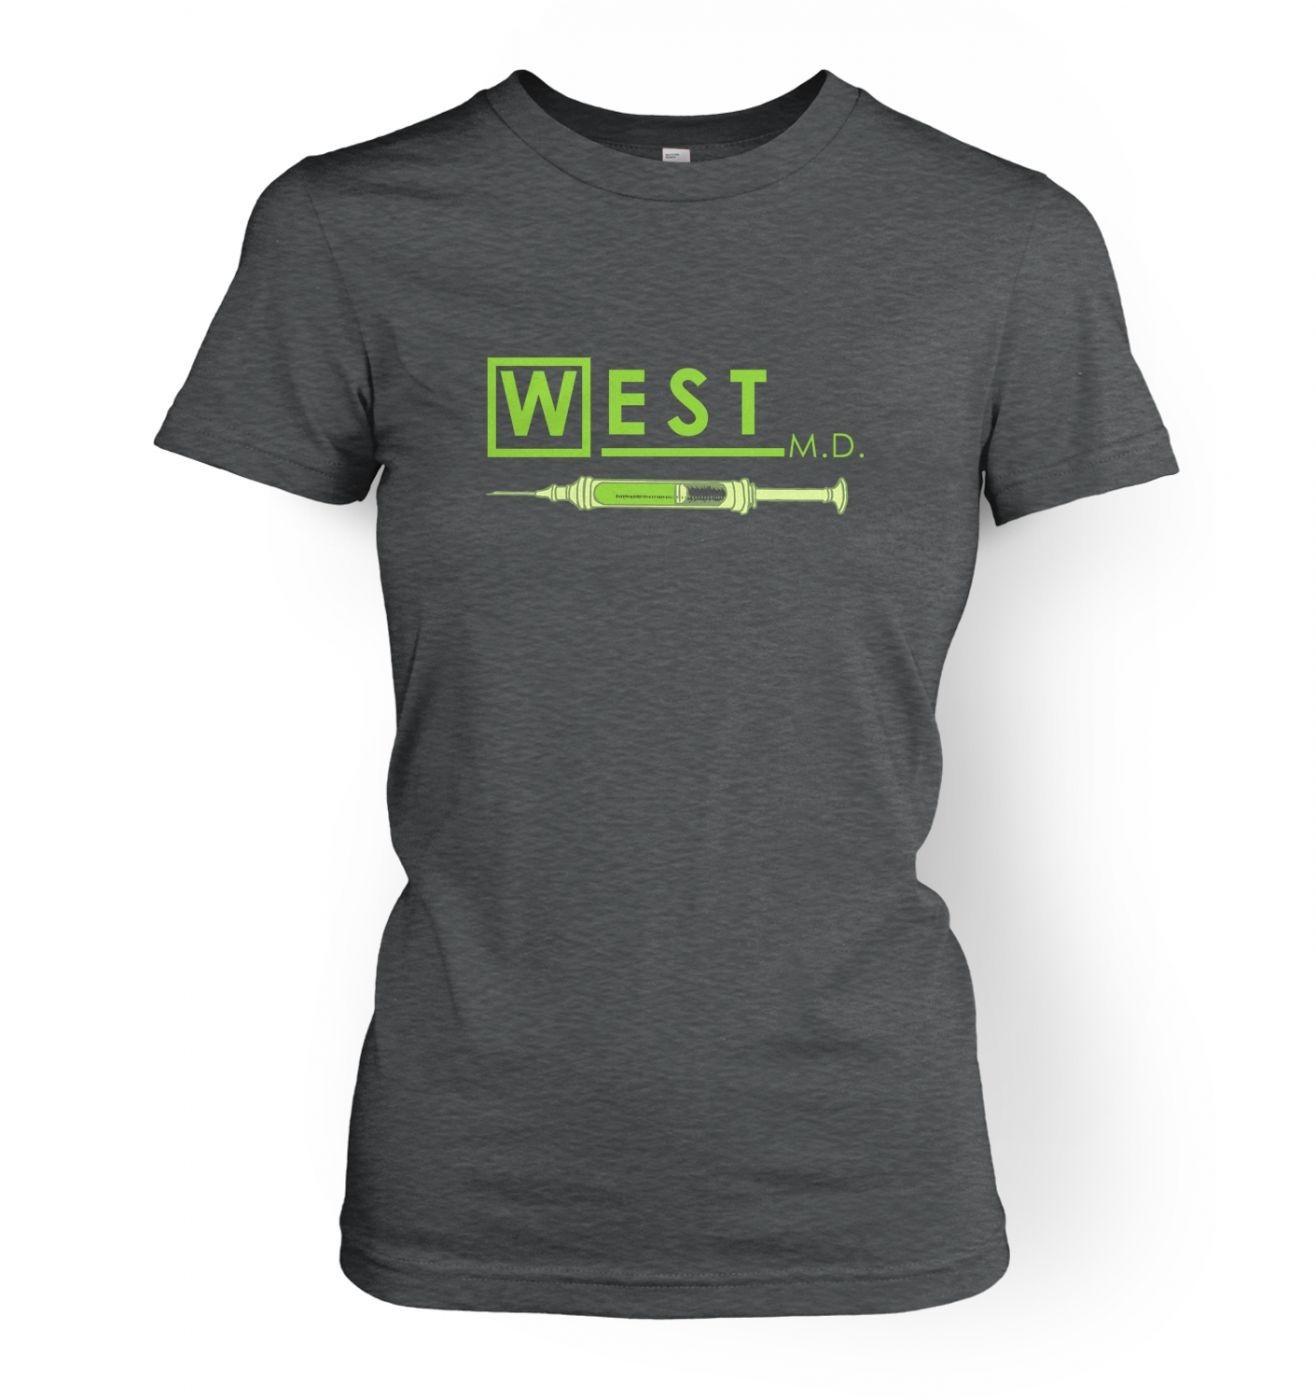 West MD HP Lovecraft women's t-shirt